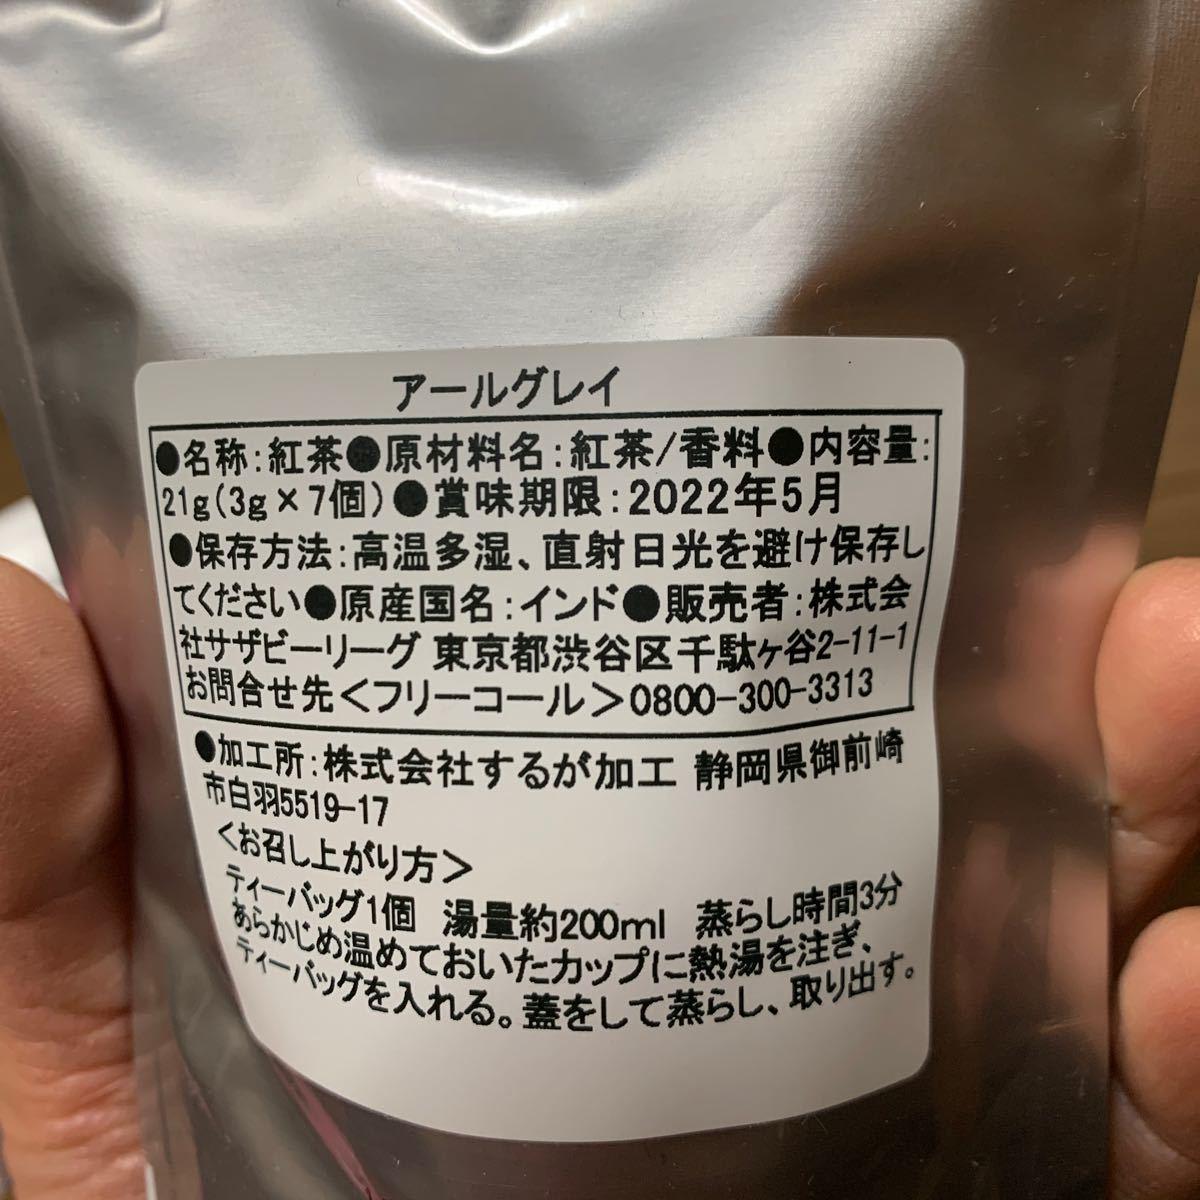 アフタヌーンティー 紅茶 アールグレイ ブレンド アップル